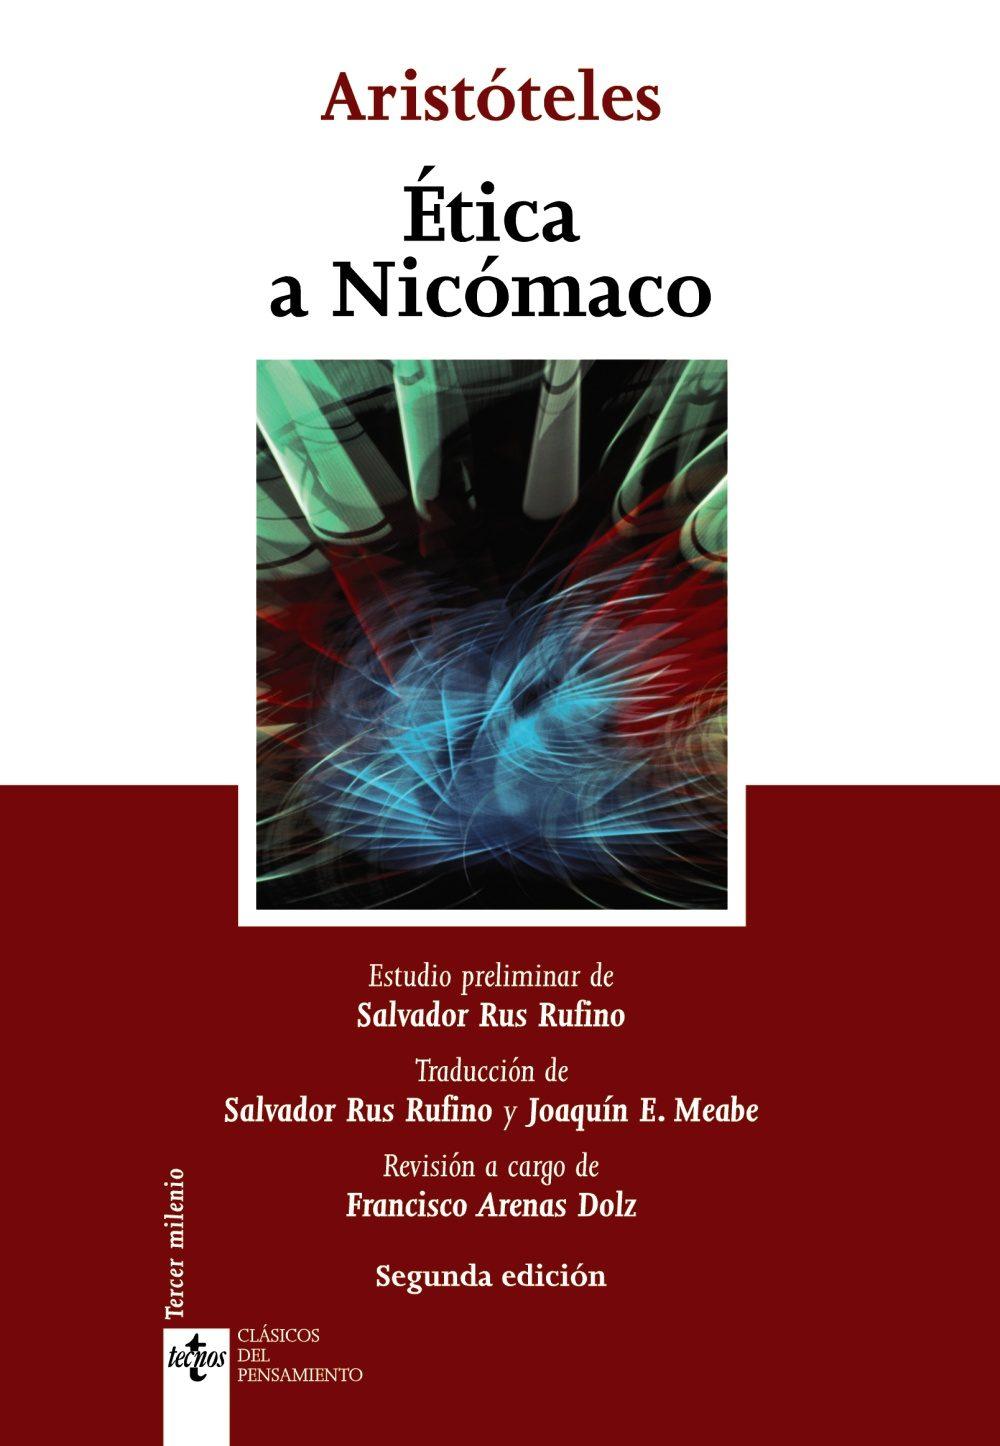 Libros sobre filosofía - Ética a Nicómaco, de Aristóteles